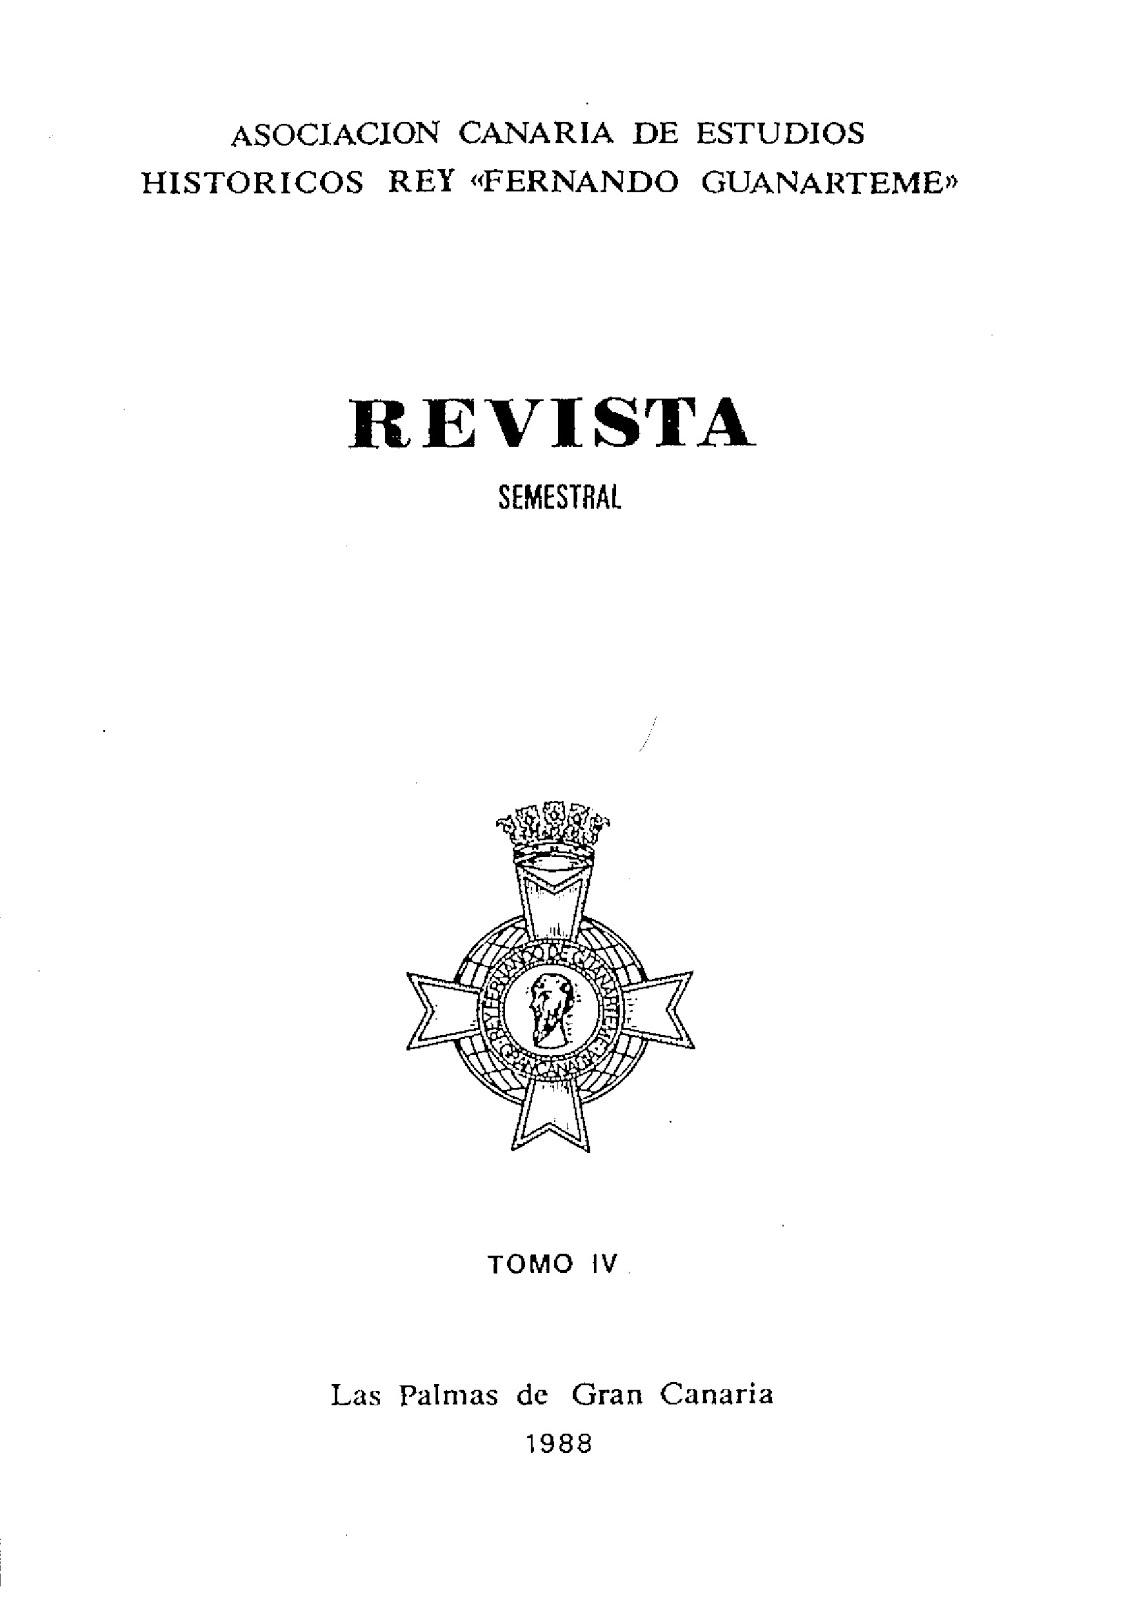 Revista Tomo IV